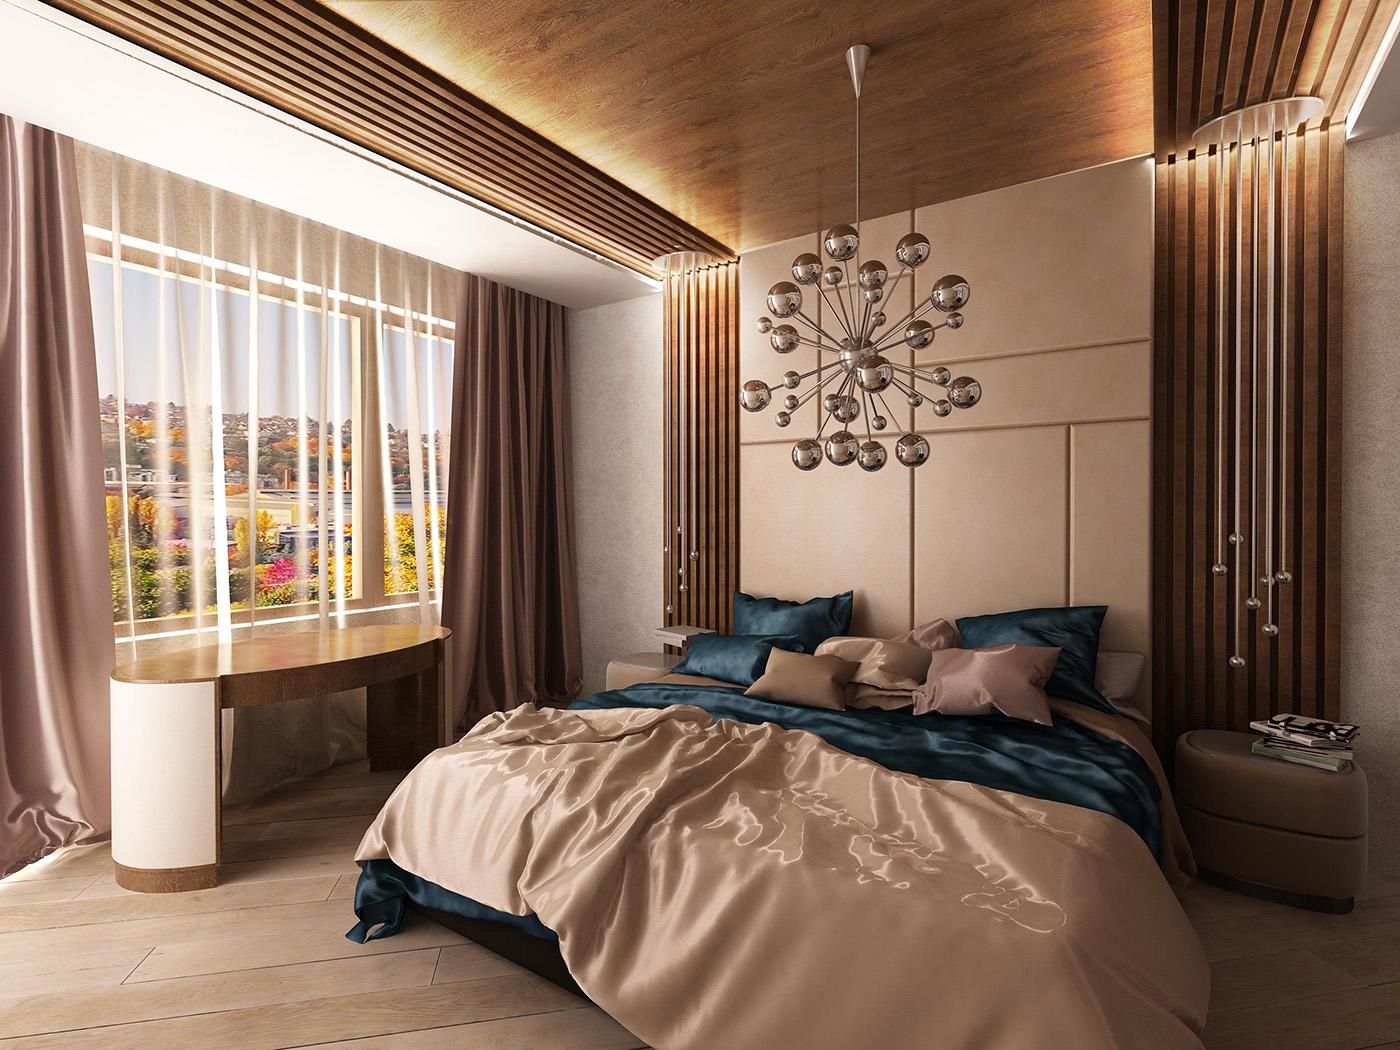 дизайн спальни в ЖК 1147